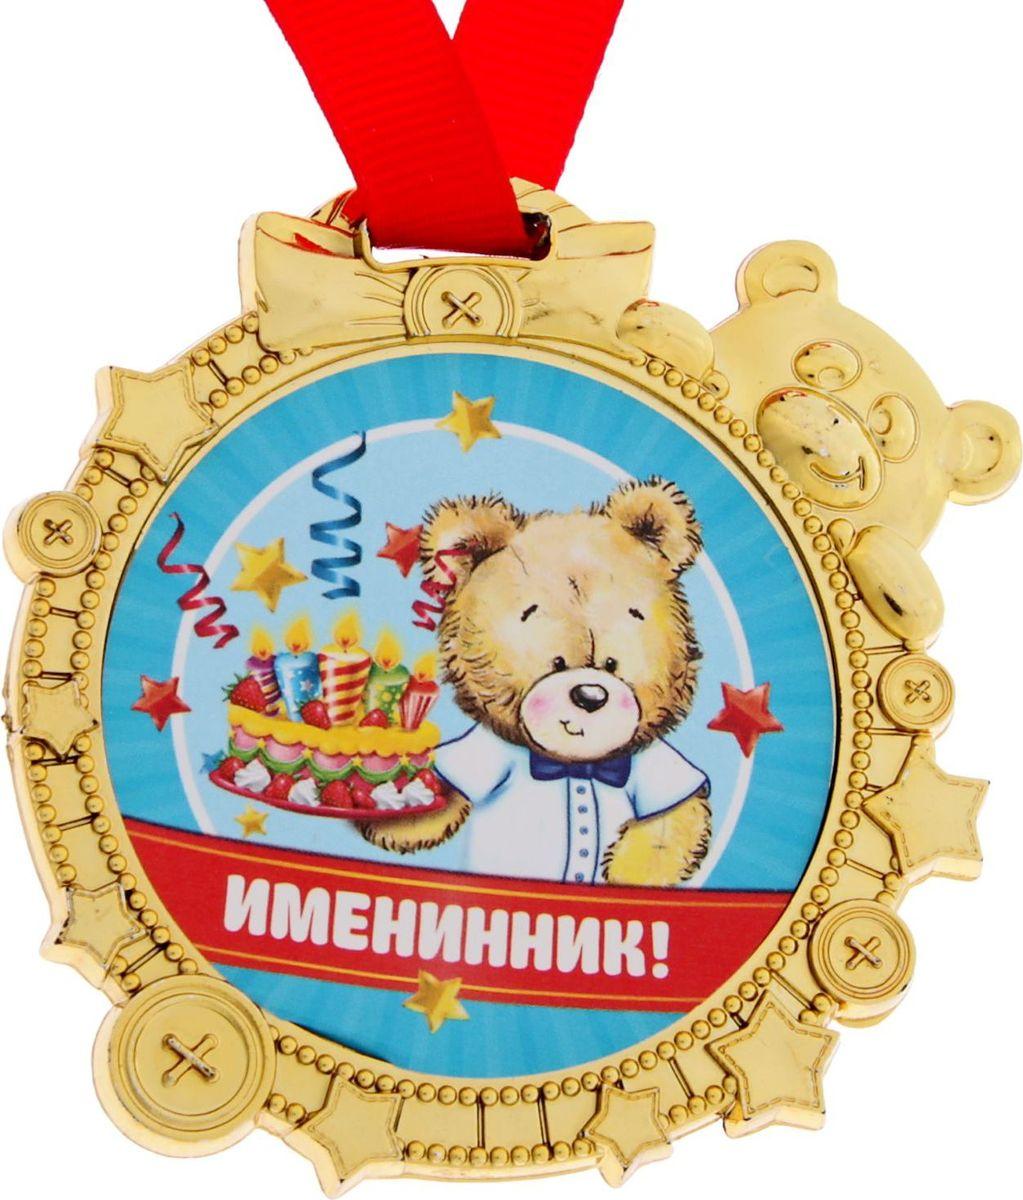 Медаль сувенирная Именинник, 6,9 х 6,9 см1866862Красочная медаль золотого цвета для награждения детишек во время проведения соревнований, конкурсов и утренников подвигнет ребят на достижение новых высот! Награда дополнена яркой лентой, позволяющей сразу повесить изделие на шею ребёнка. Преподносится на красочной подложке.